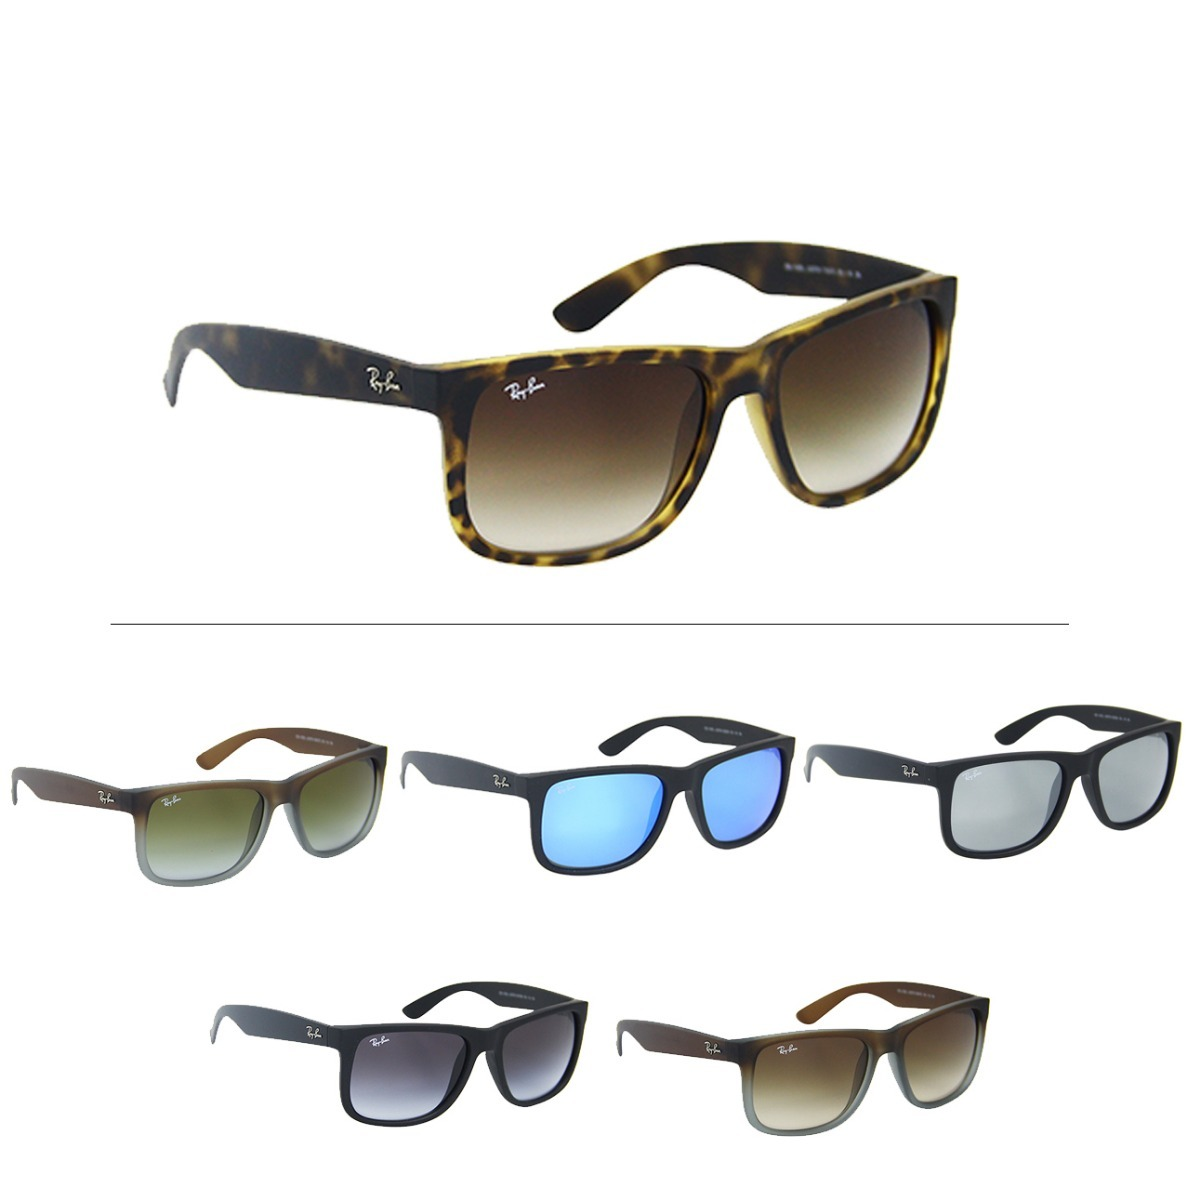 Óculos Sol Ray Ban 4165 Justin - Original - R  429,99 em Mercado Livre c8c8267312